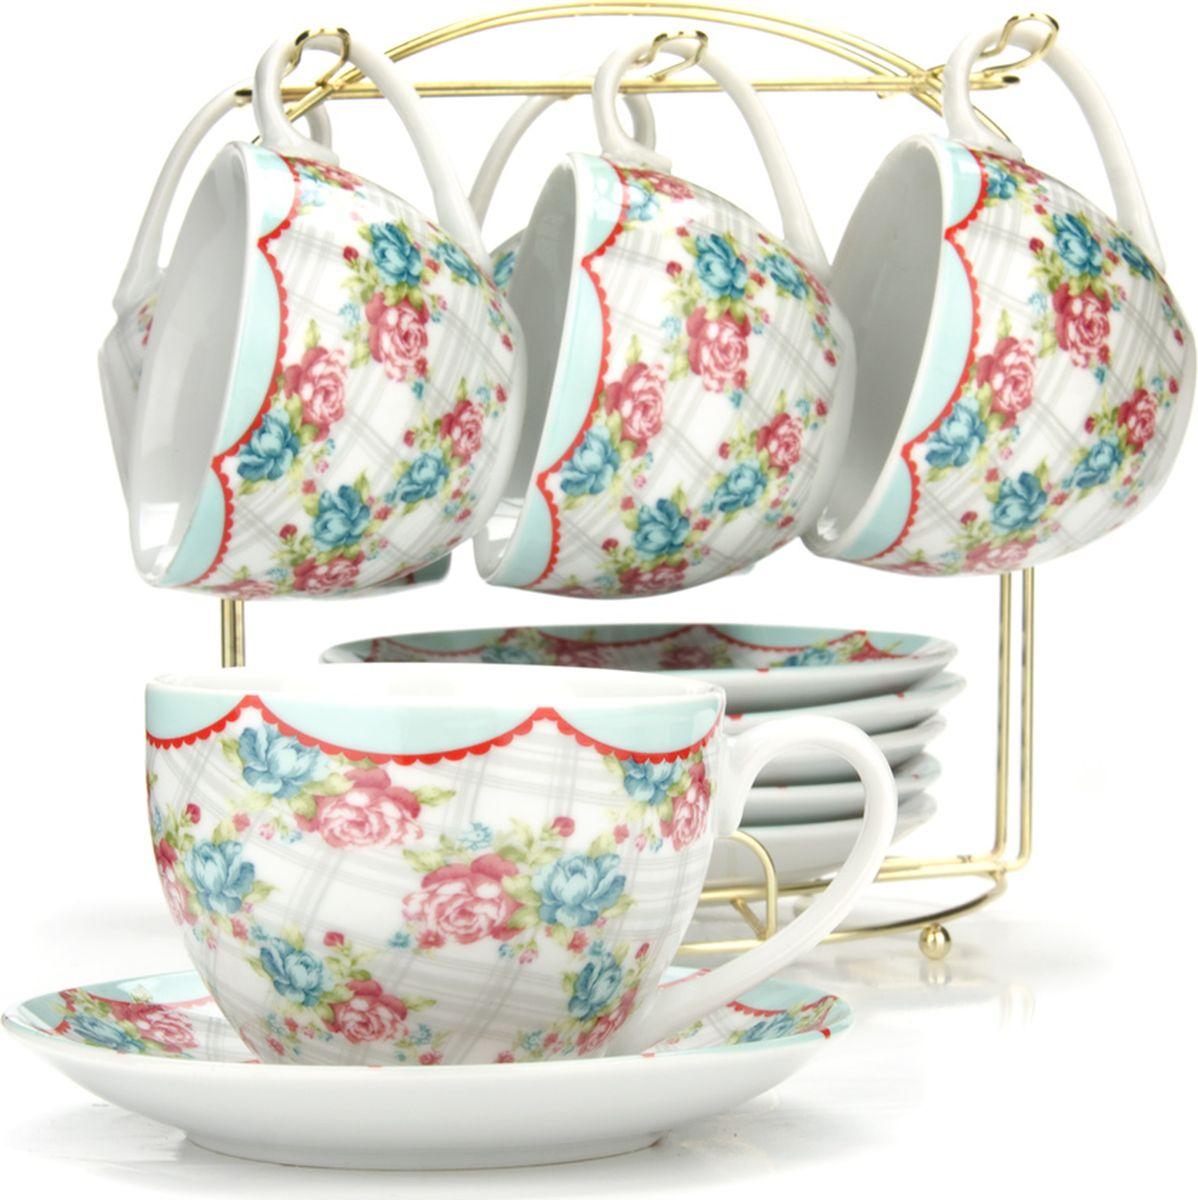 Сервиз чайный Loraine, на подставке, 13 предметов. 4329925951